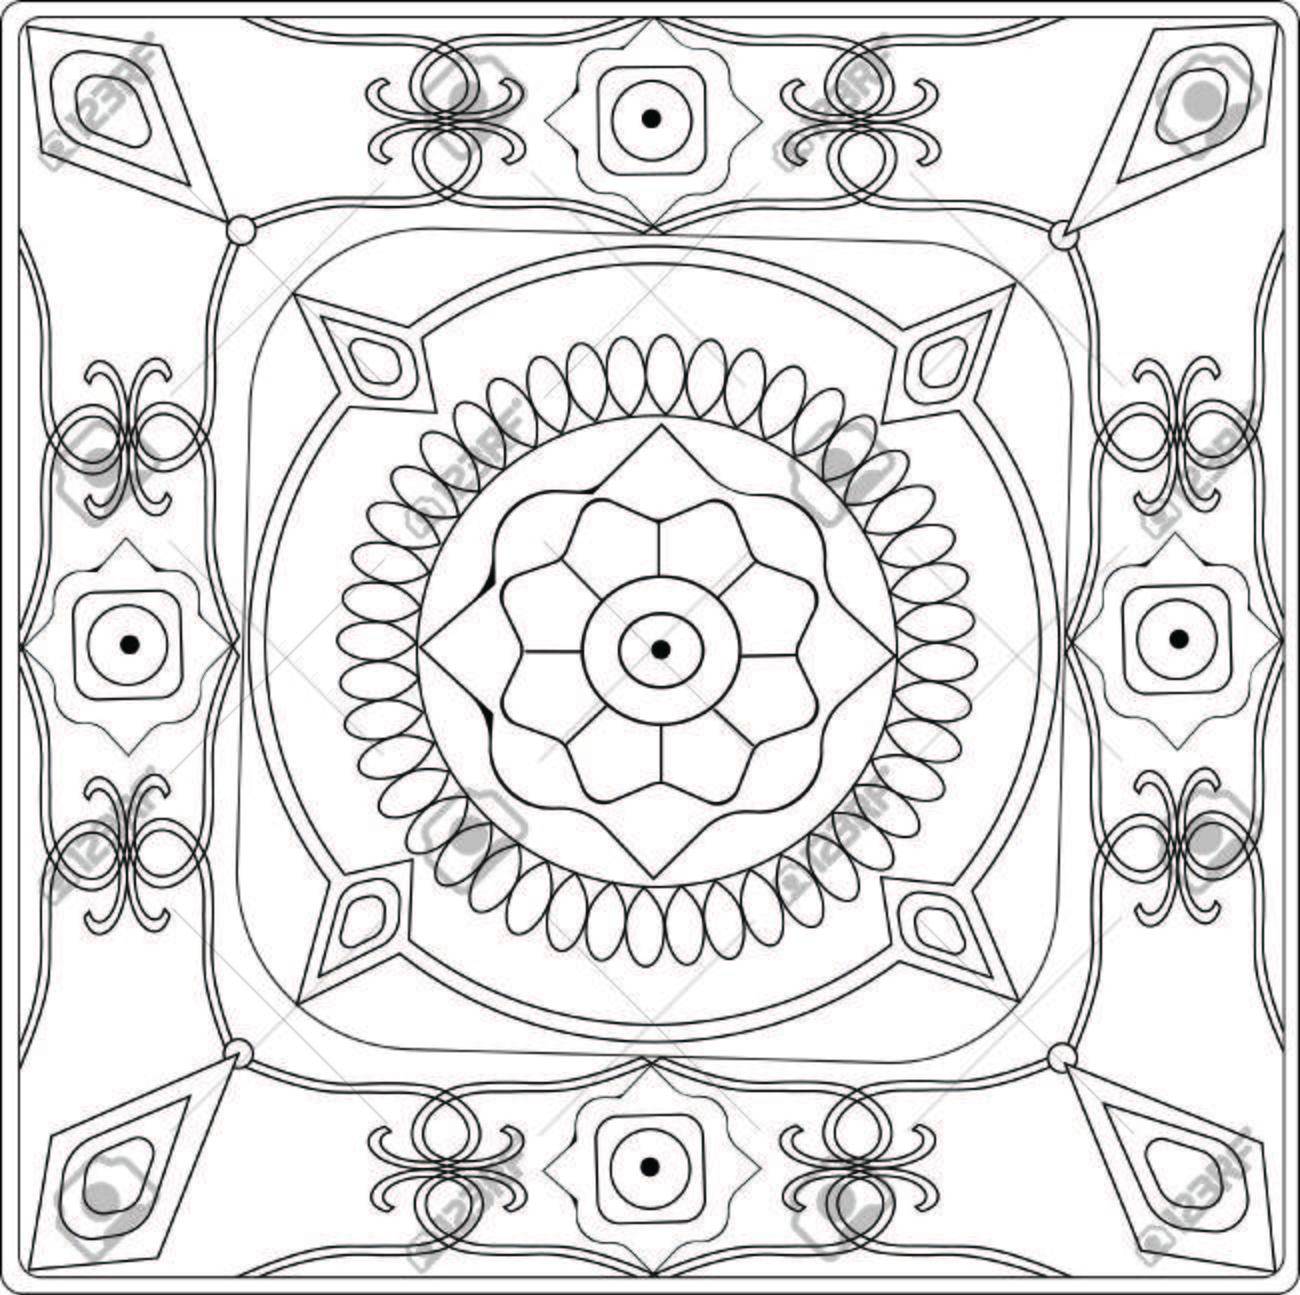 Mosaico Ilustración De Libro Para Colorear Con Dibujos Geométricos Y ...